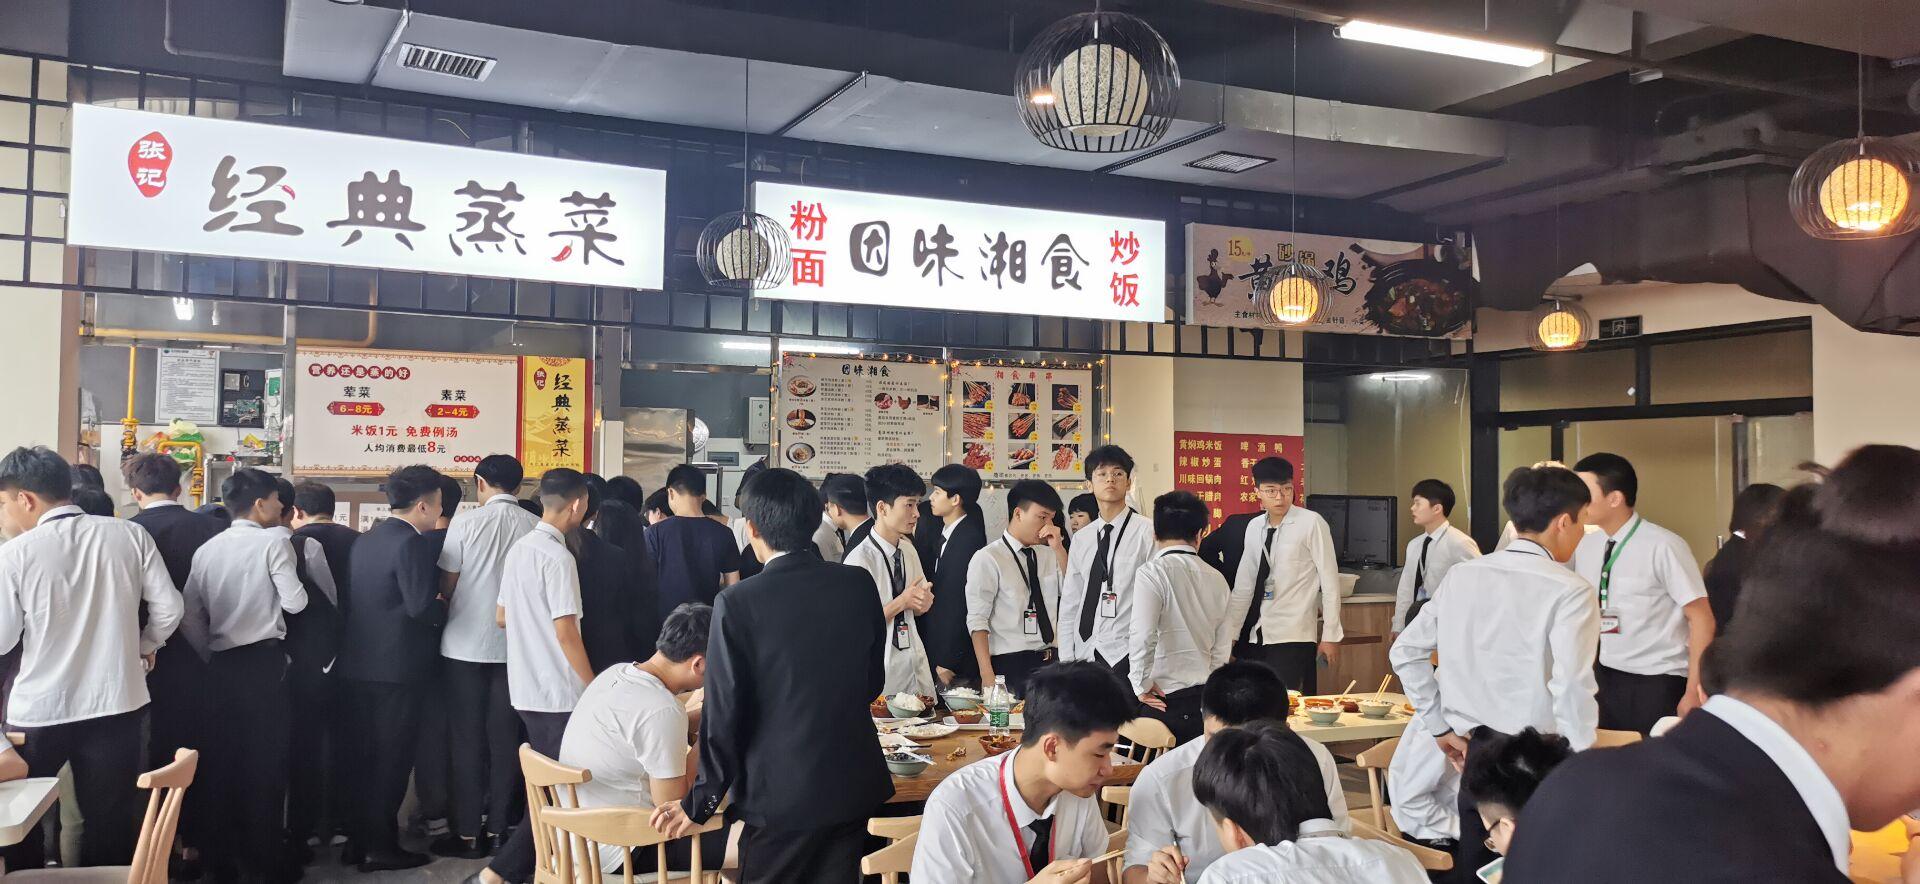 北大青鸟食堂档口 客流稳定可做粉面、炒饭、小吃等